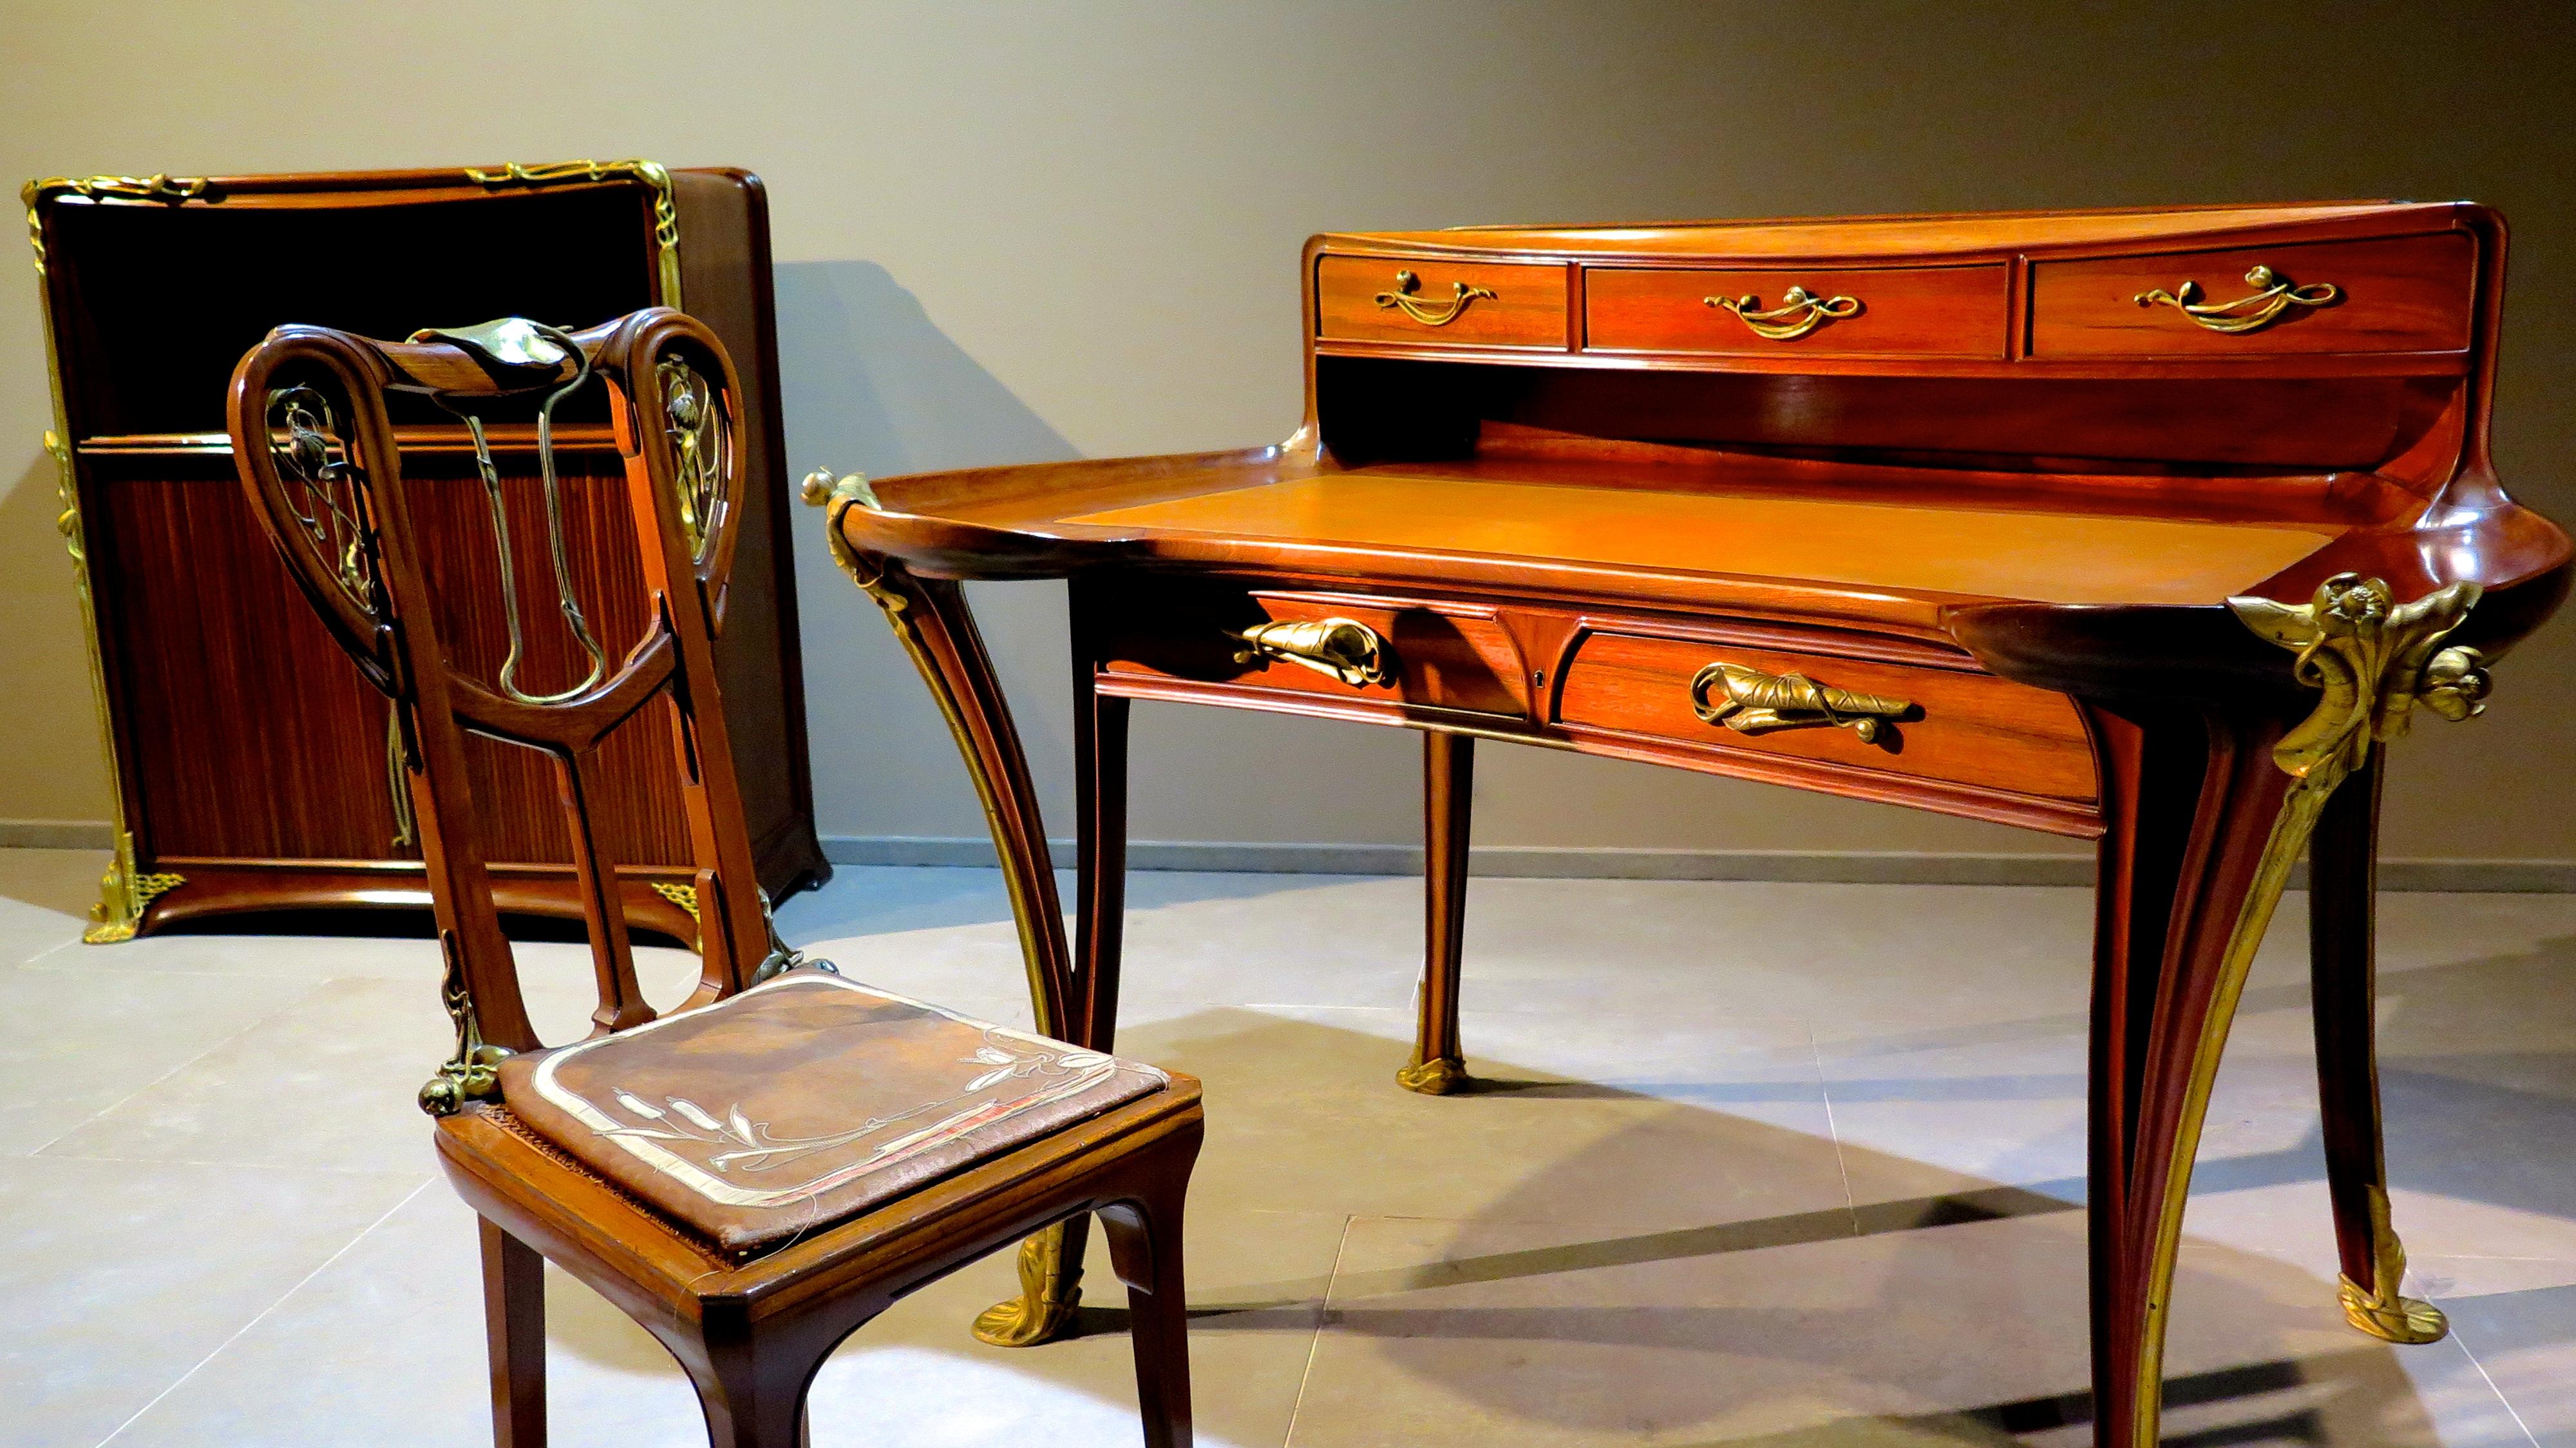 meubles art nouveau evasions bordelaises